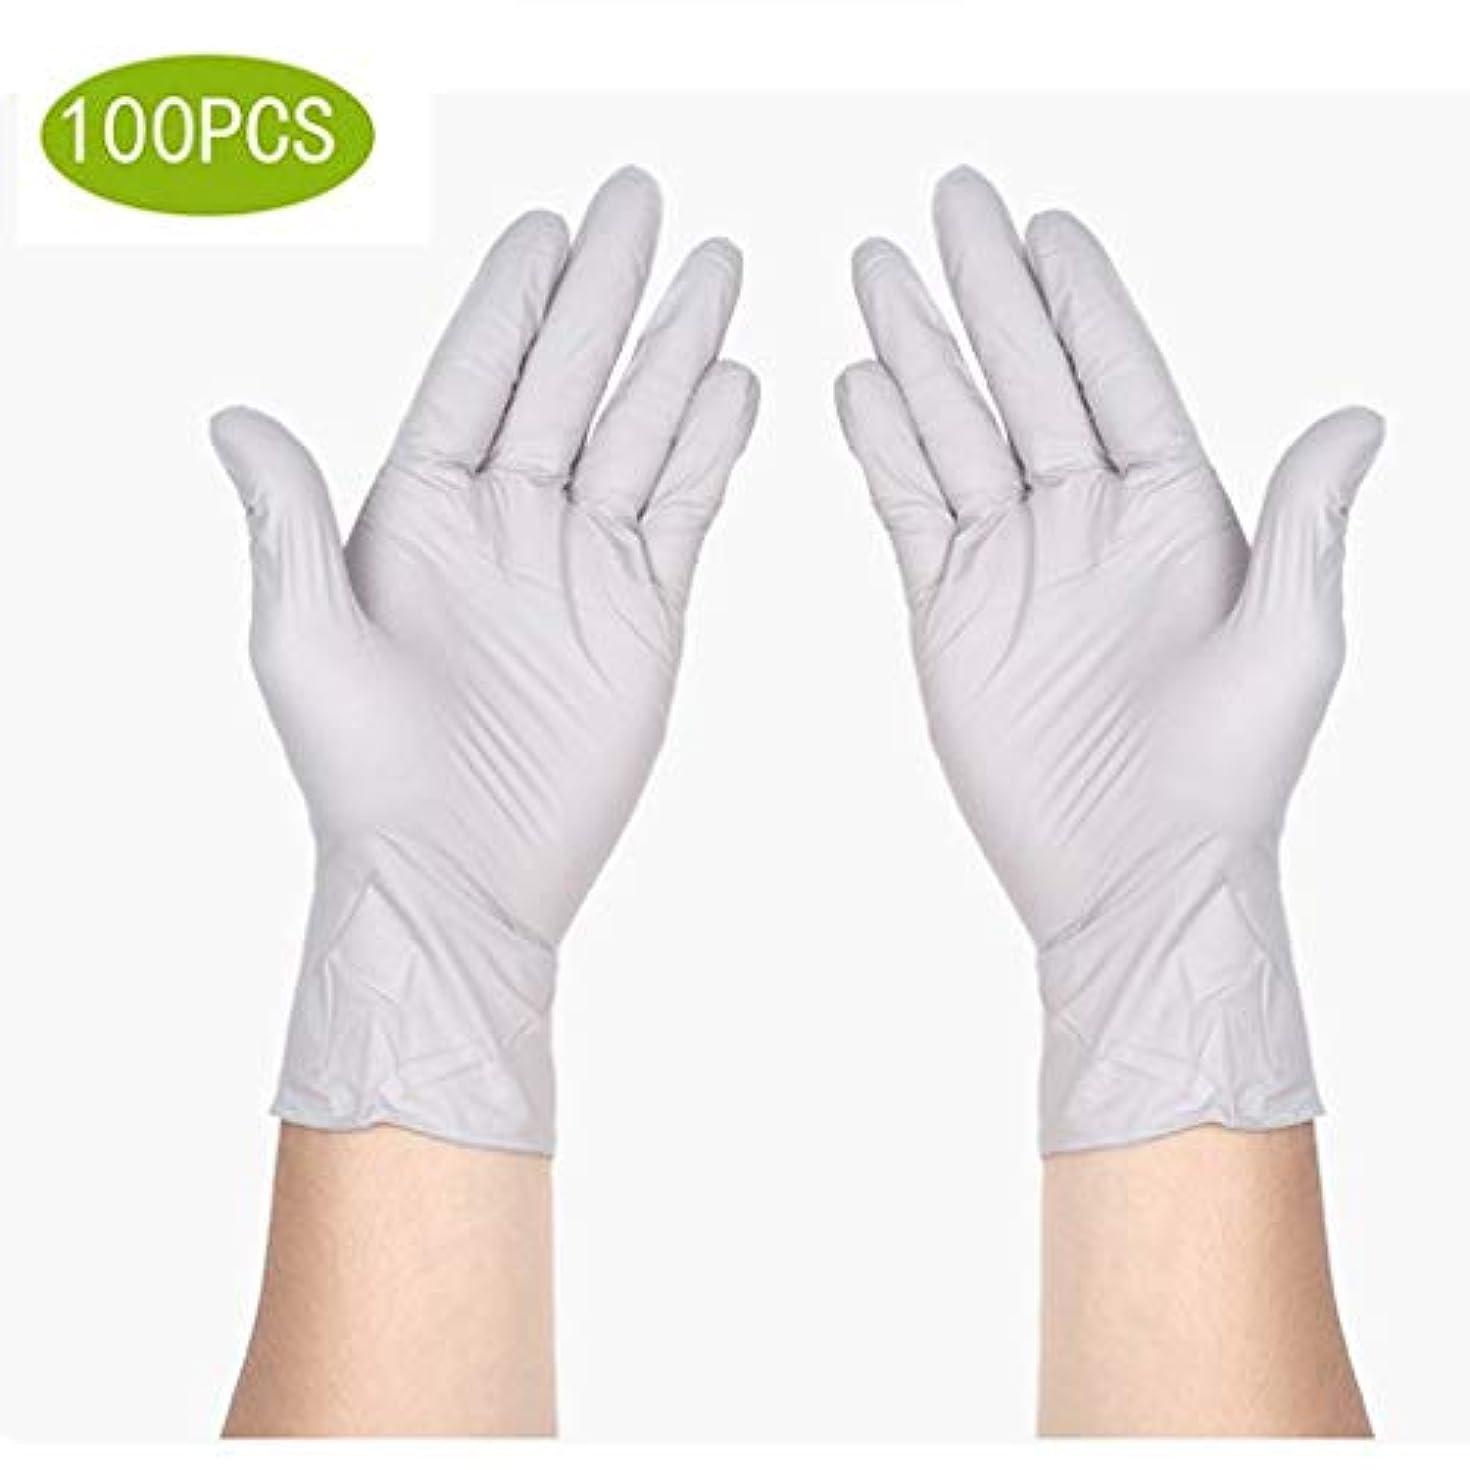 見物人時間多年生サニタリー手袋ニトリル医療グレード試験用手袋、使い捨て、ラテックスフリー、100カウント滅菌使い捨て安全手袋 (Size : L)